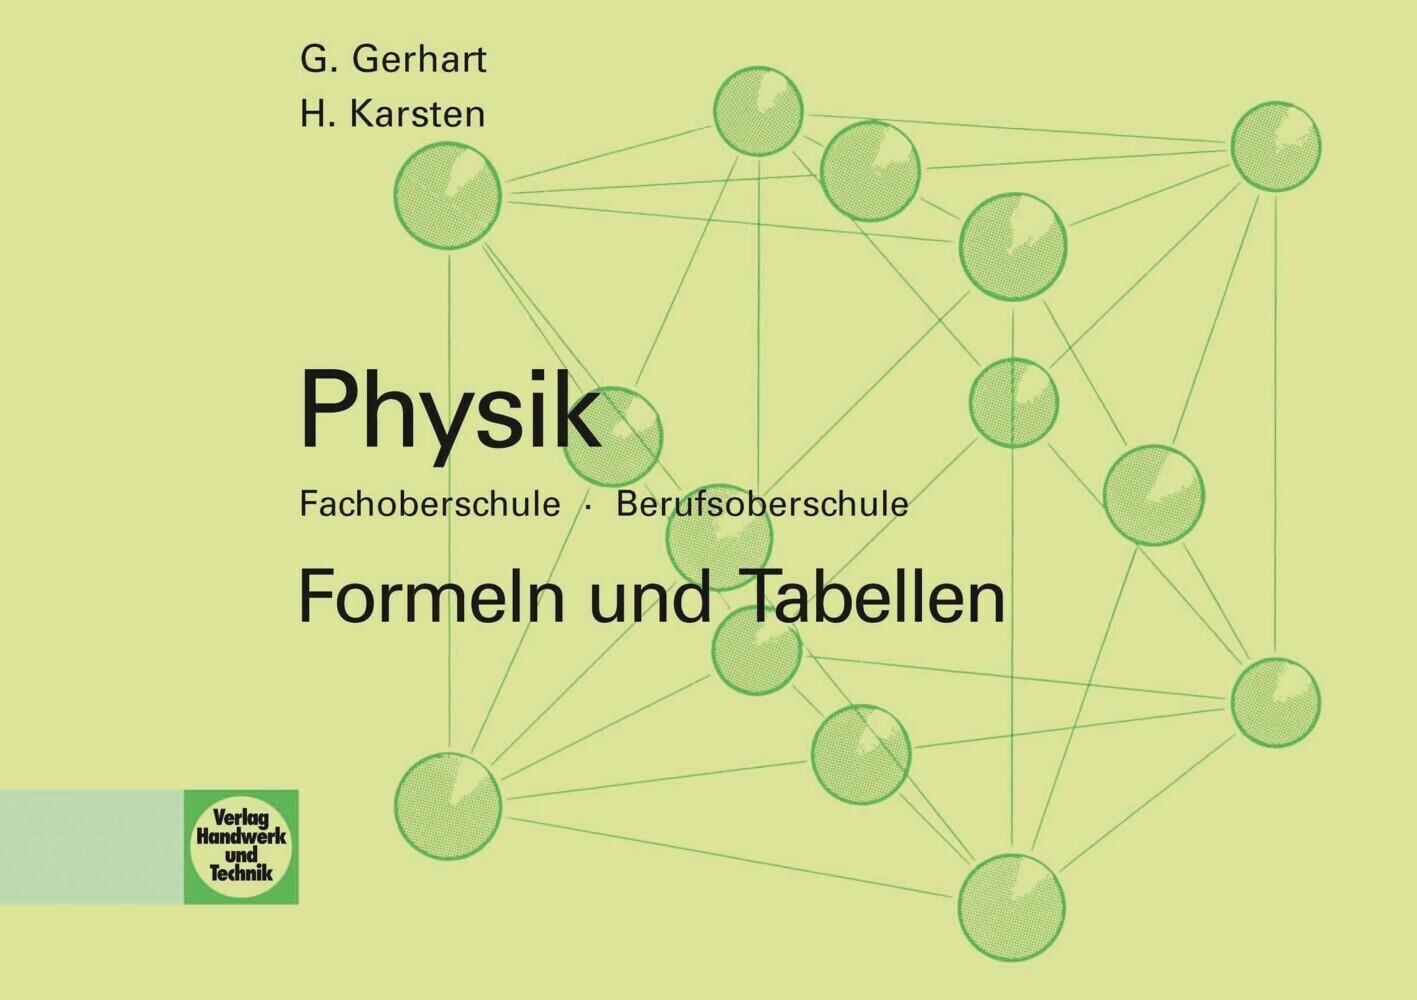 Physik. Formeln und Tabellen als Buch (kartoniert)